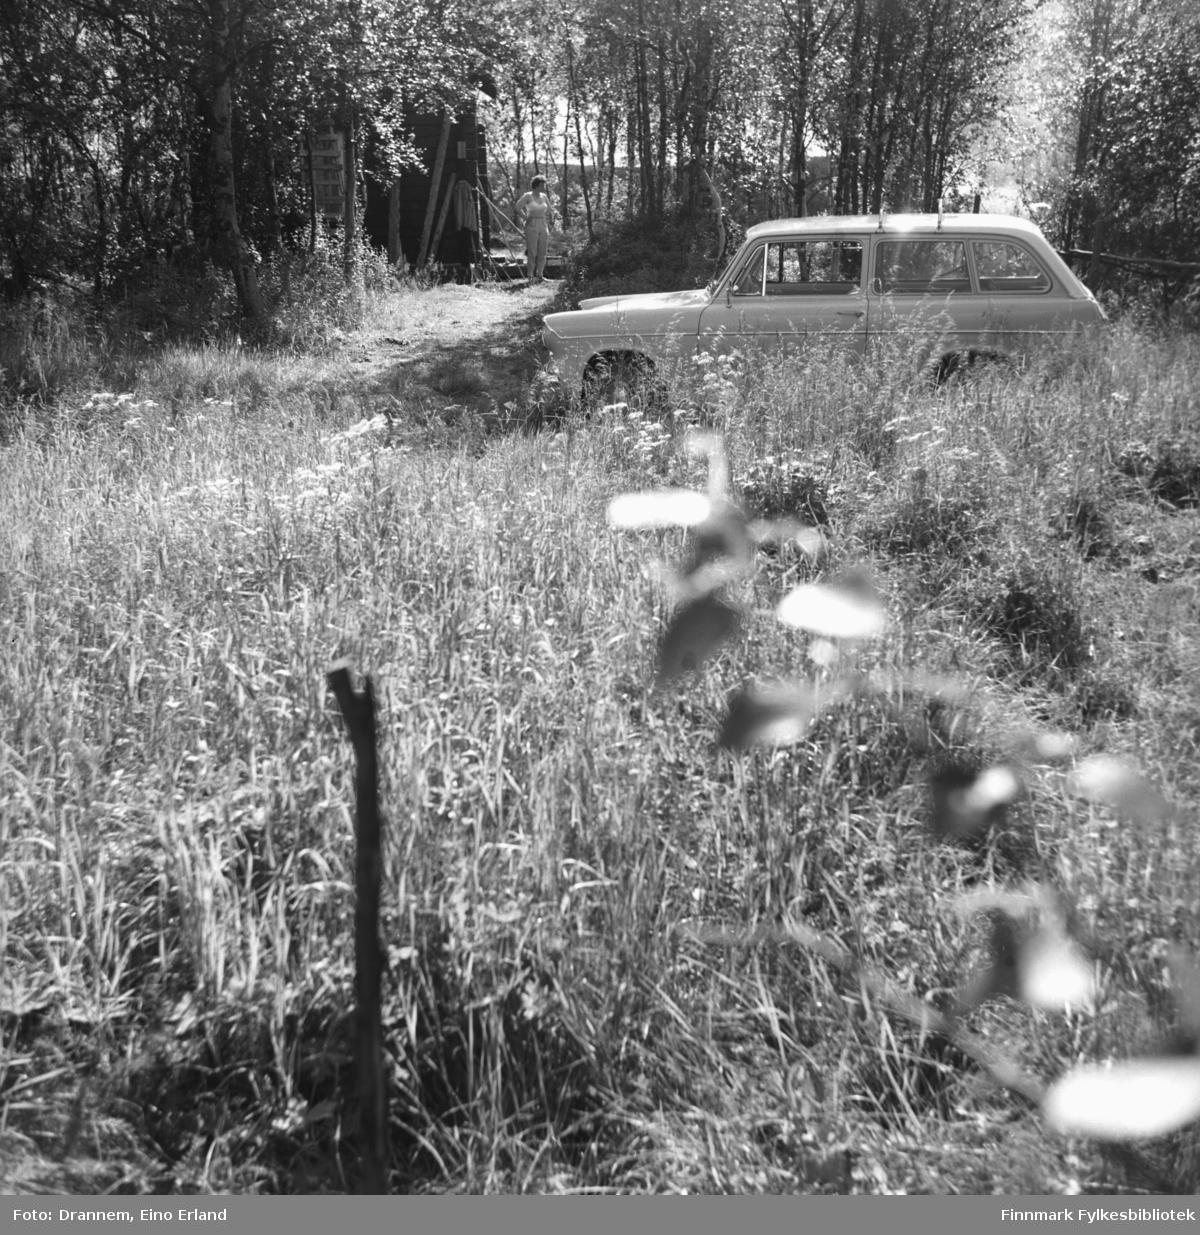 Familen Drannems bil parkert på en gårdsvei i Neiden. Jenny Drannem står utenfor hytta.